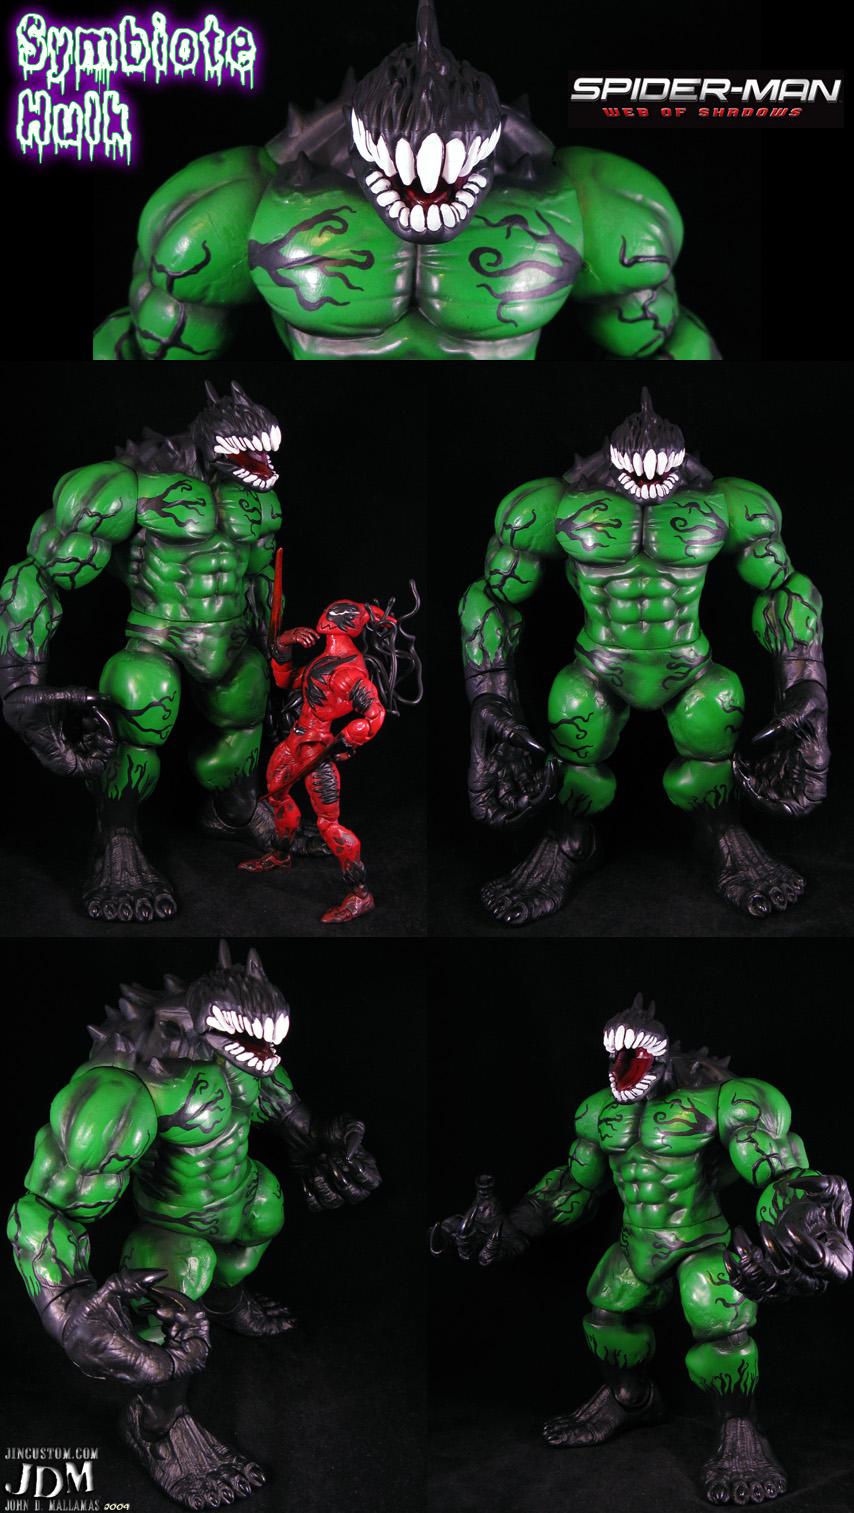 Symbiote Hulk